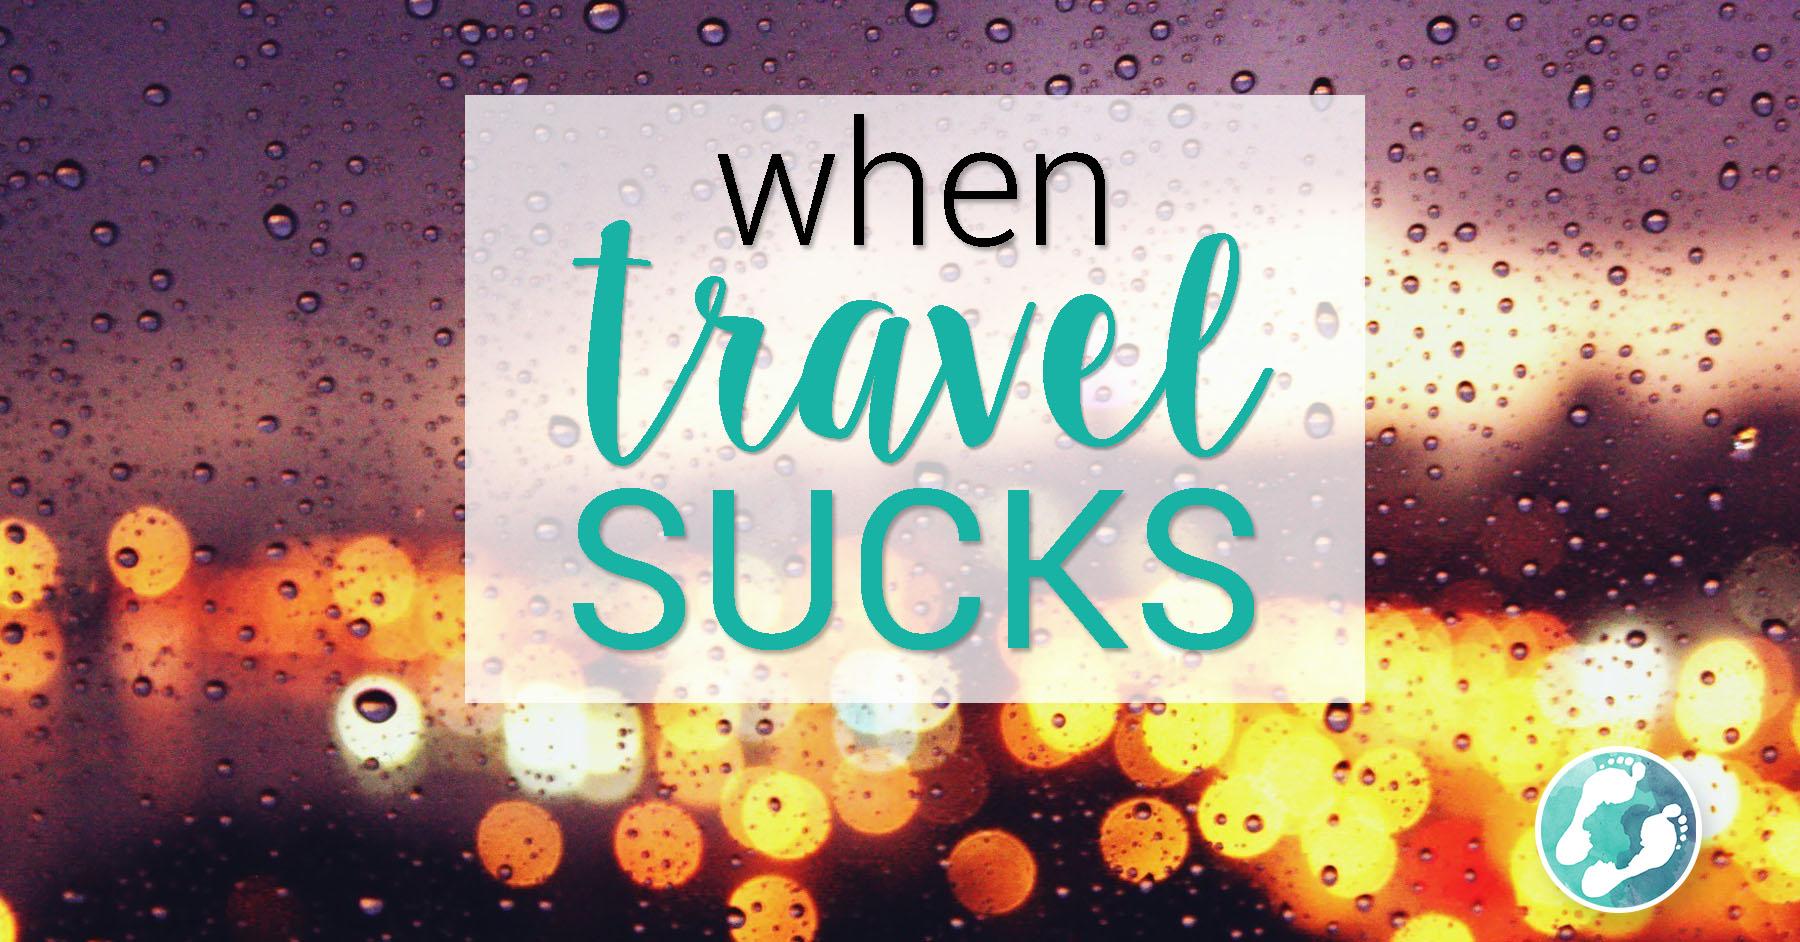 When Travel Sucks